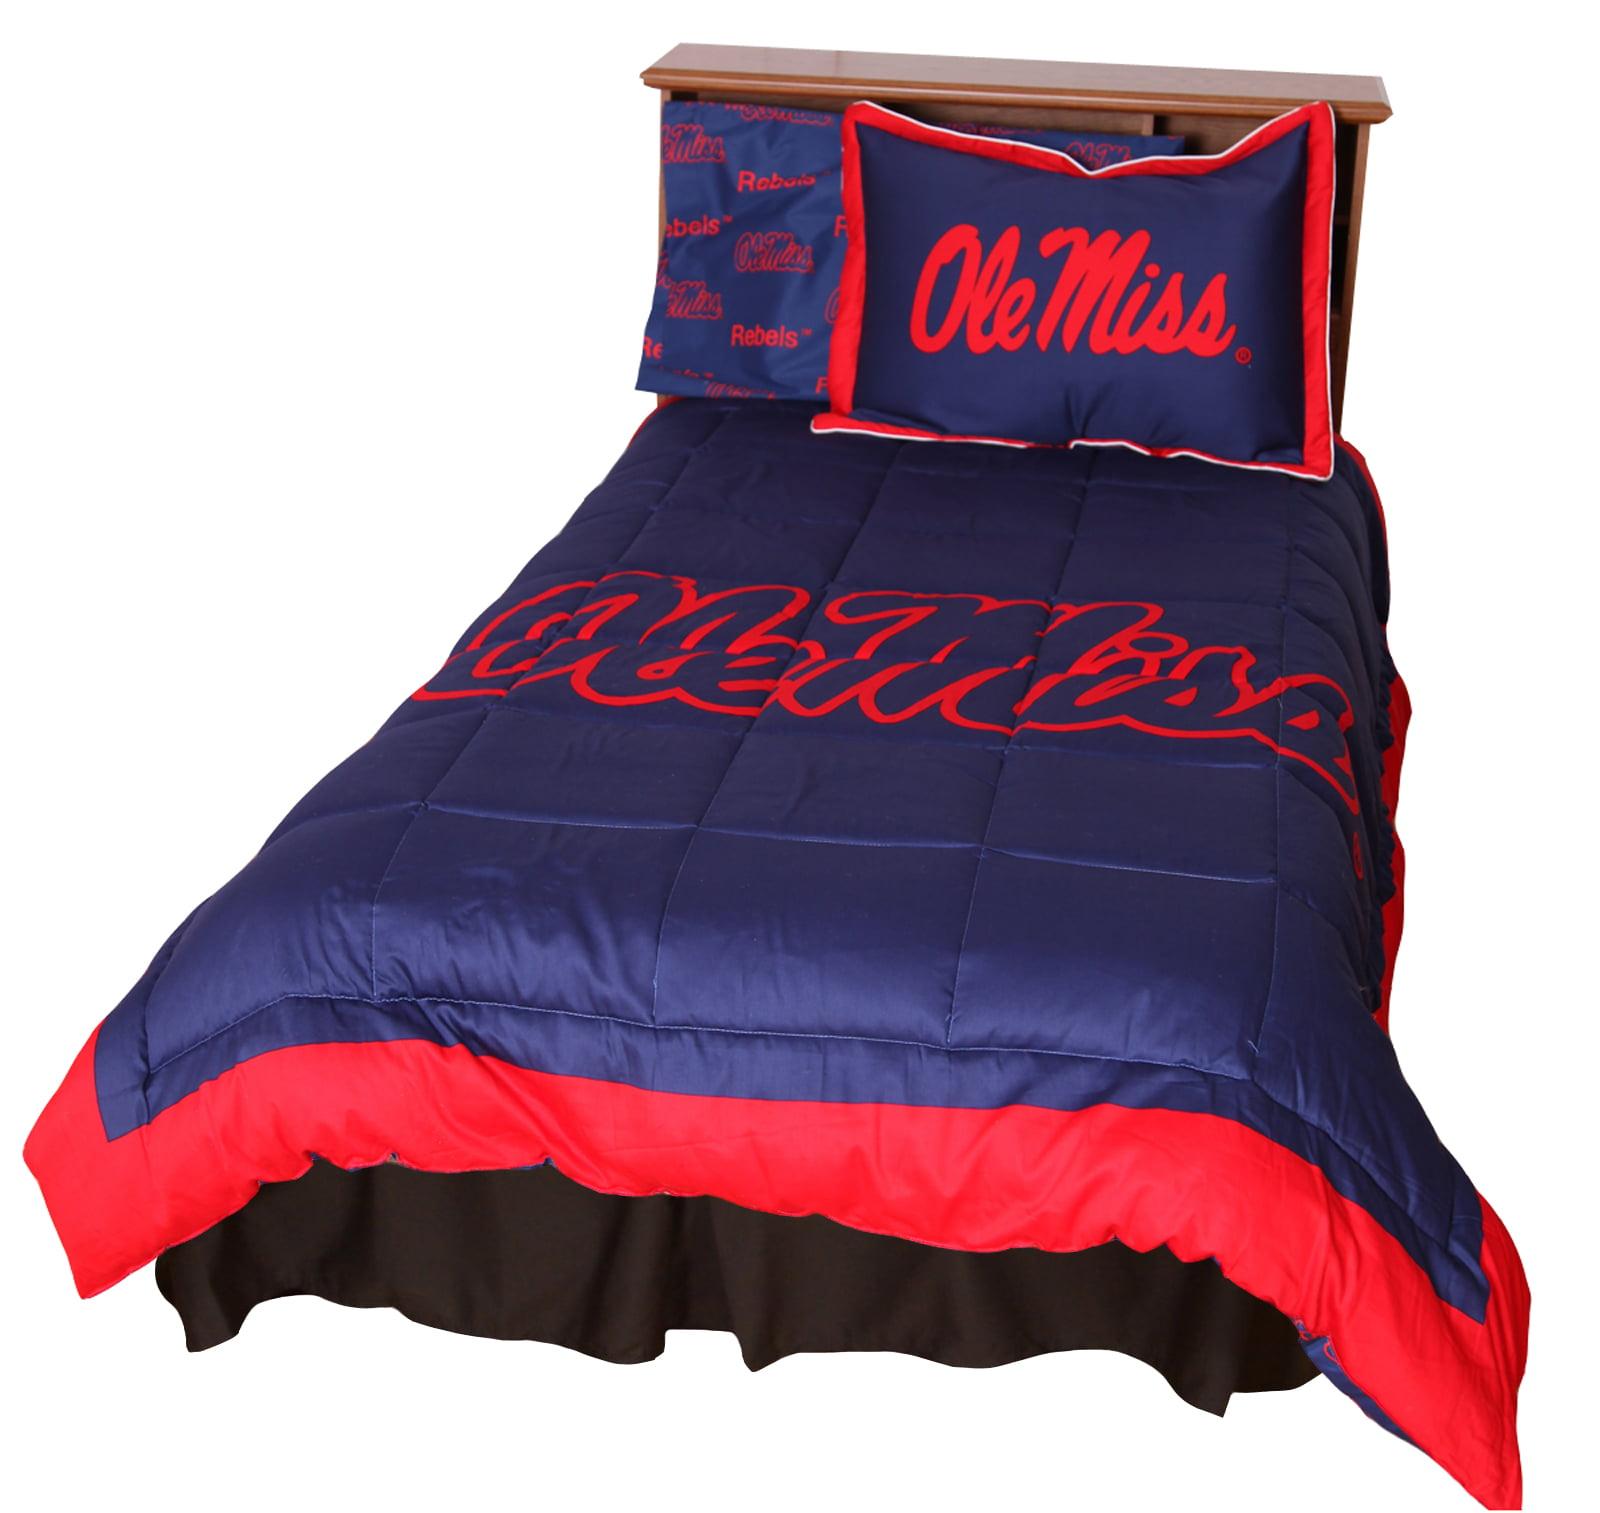 Mississippi Rebels 2 Pc Comforter Set, 1 Comforter, 1 Sham, Twin